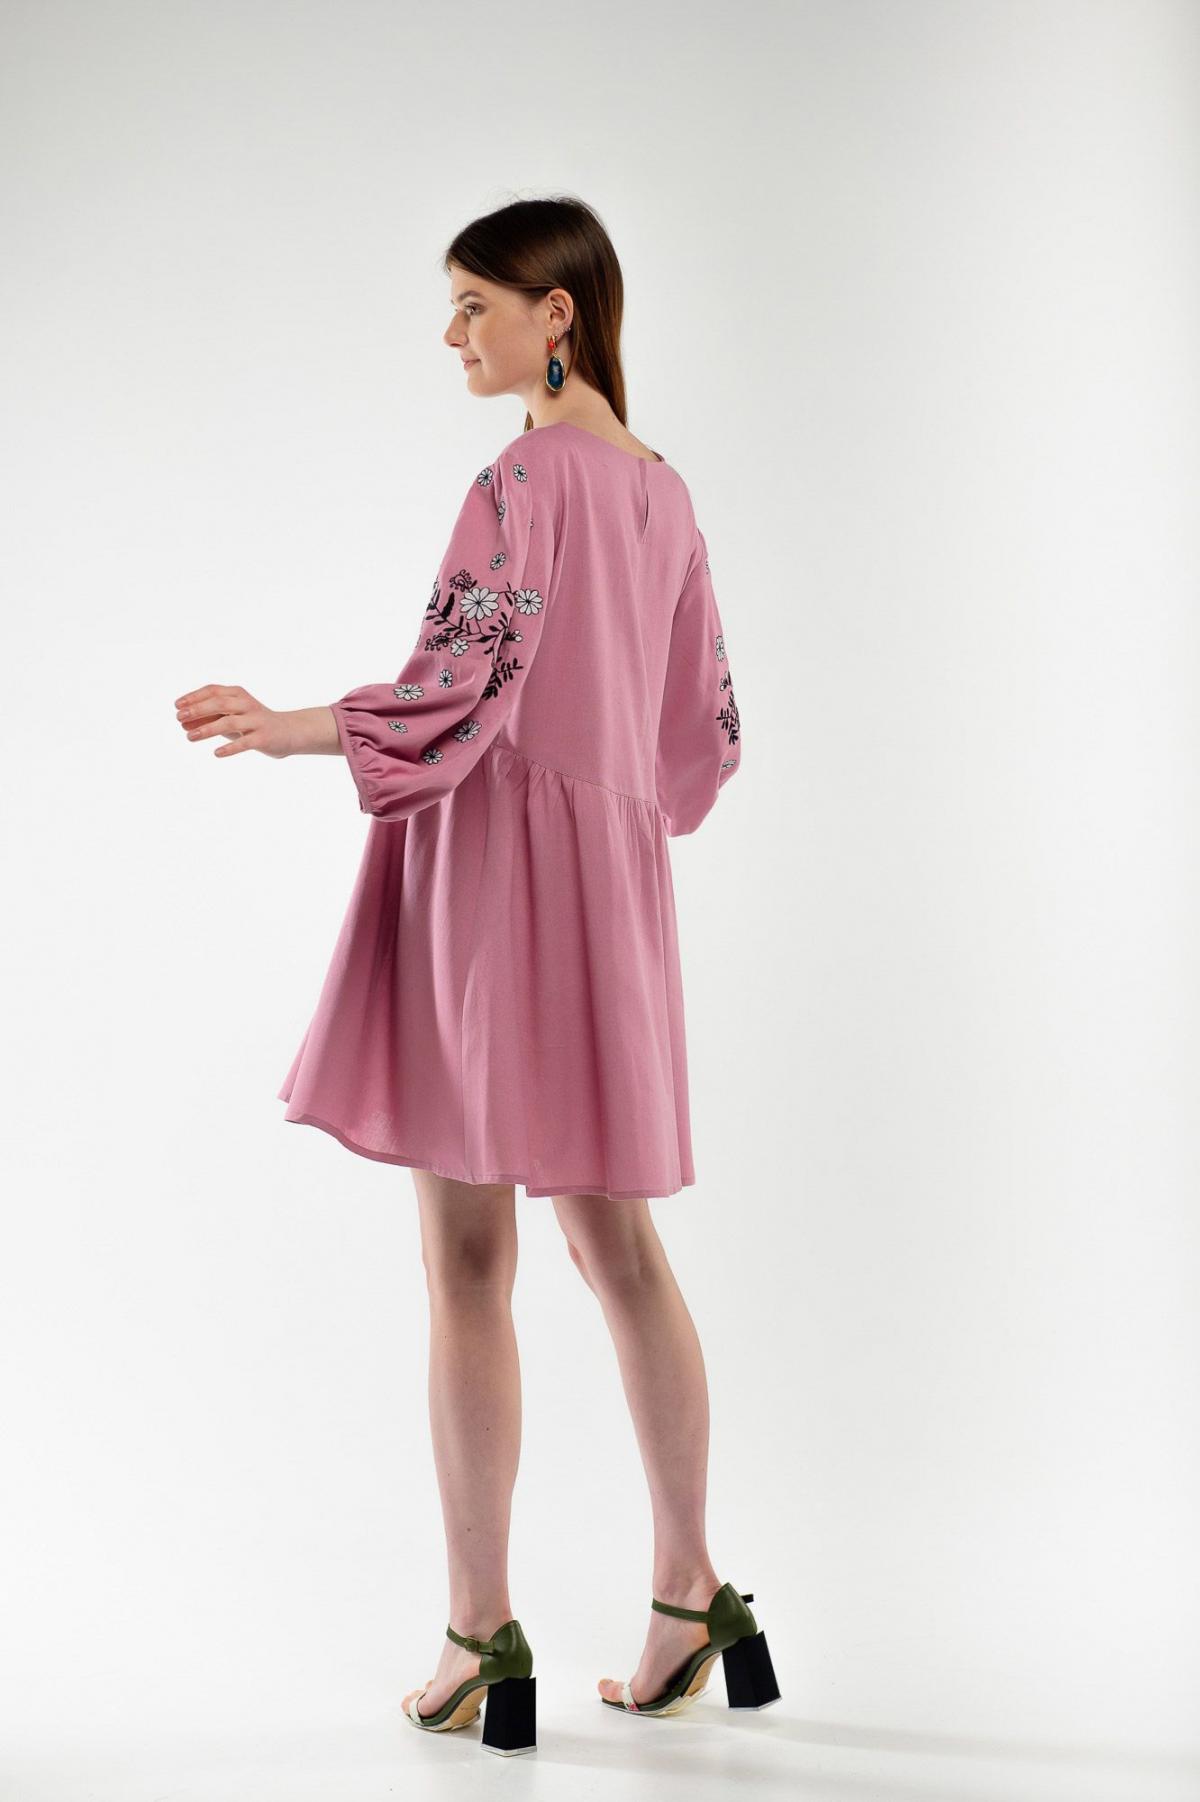 Платье вышиванка Кукушка пудра. Фото №3. | Народный дом Украина